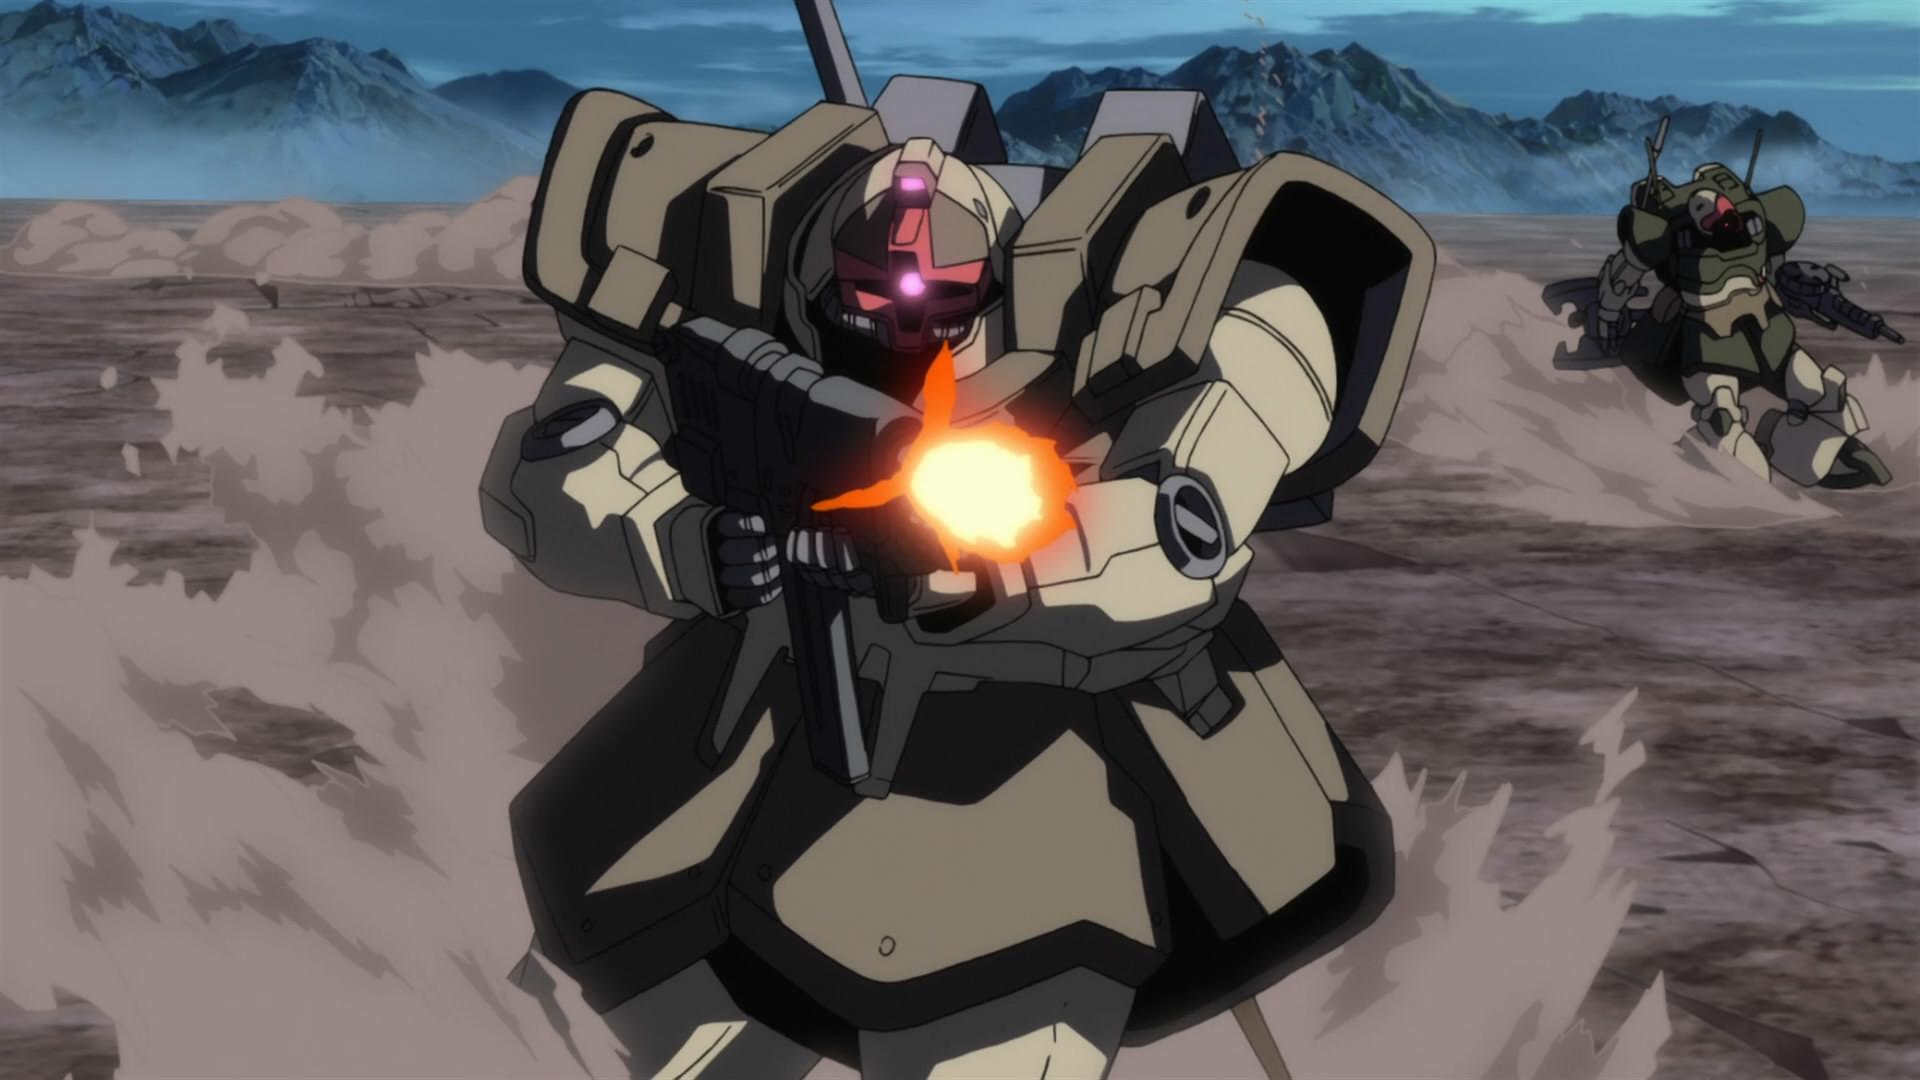 Gundam Strikedom Wallpaper HD ·① WallpaperTag